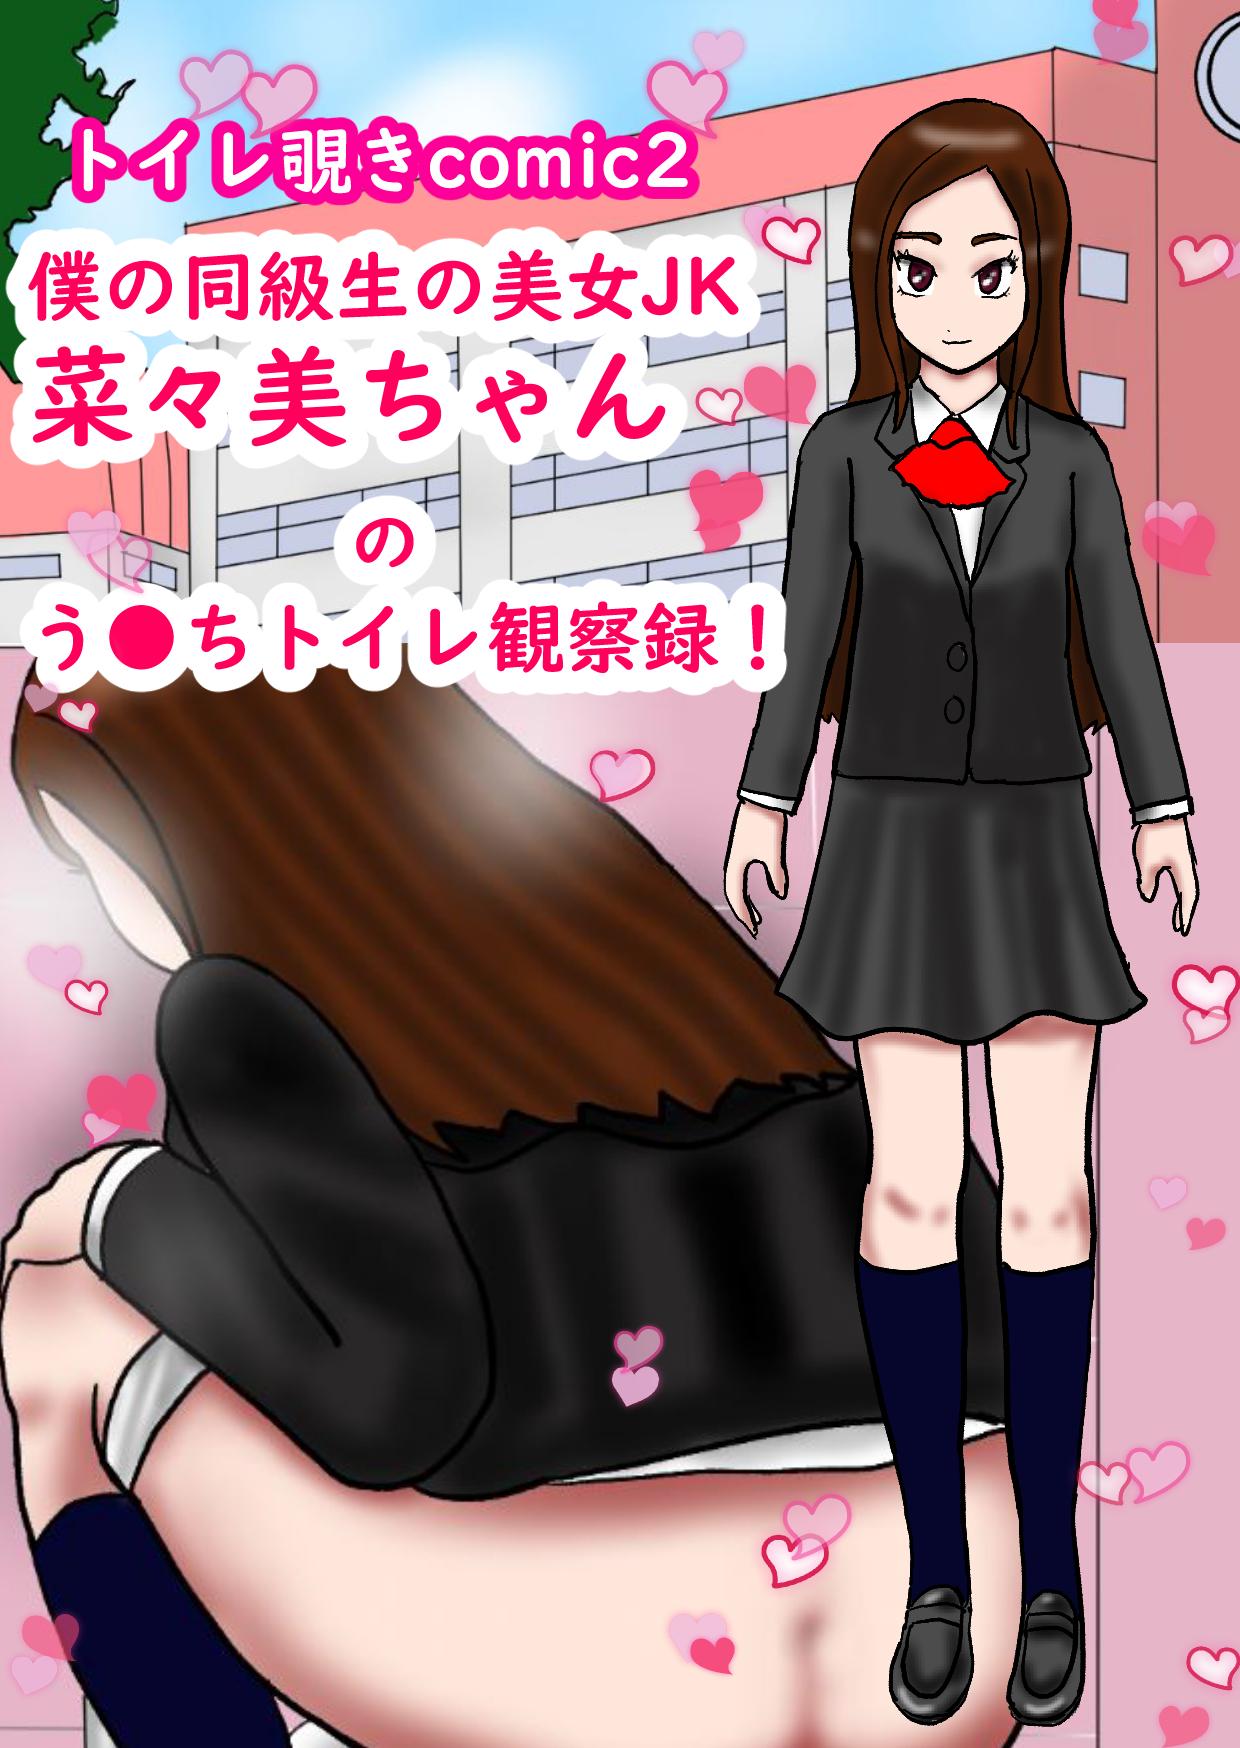 トイレ覗きcomic2僕の同級生美女JK菜々美ちゃんのう●ちトイレ観察録